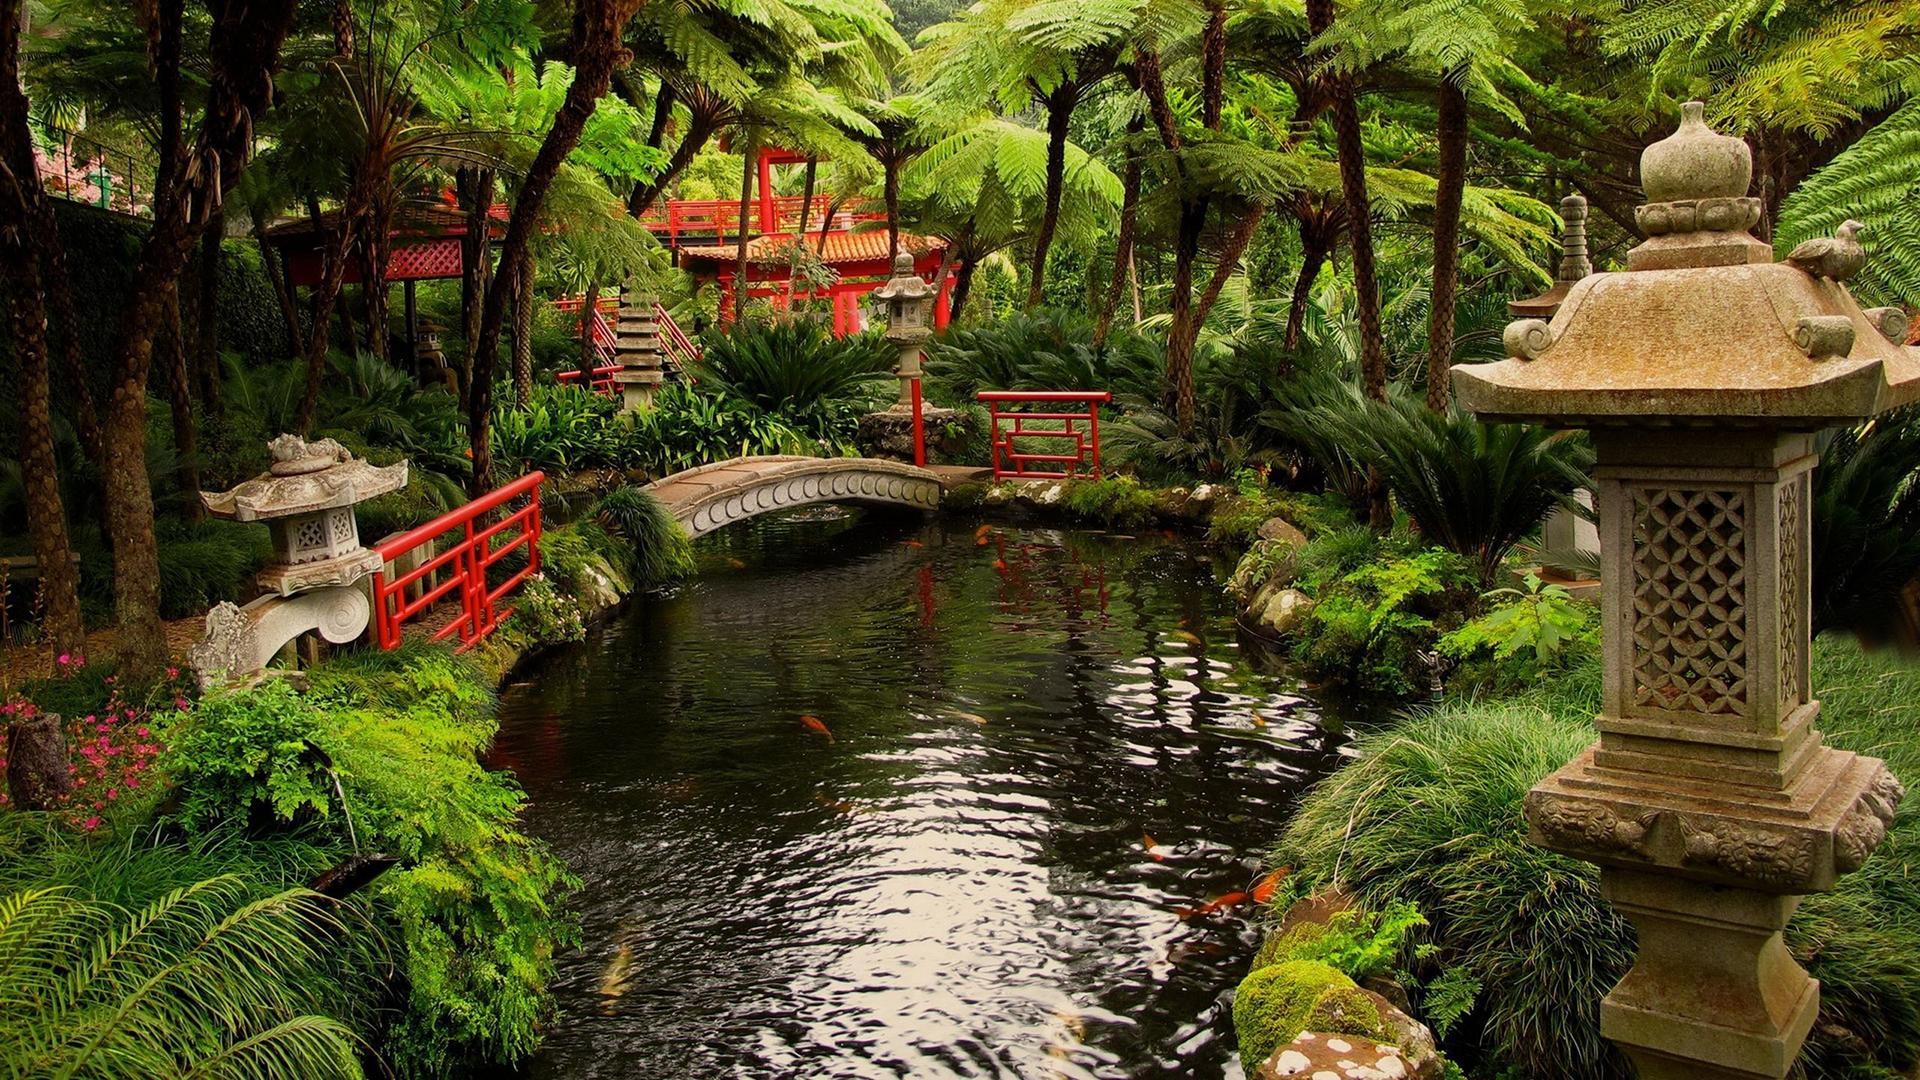 绿色花园风景图片高清宽屏桌面壁纸